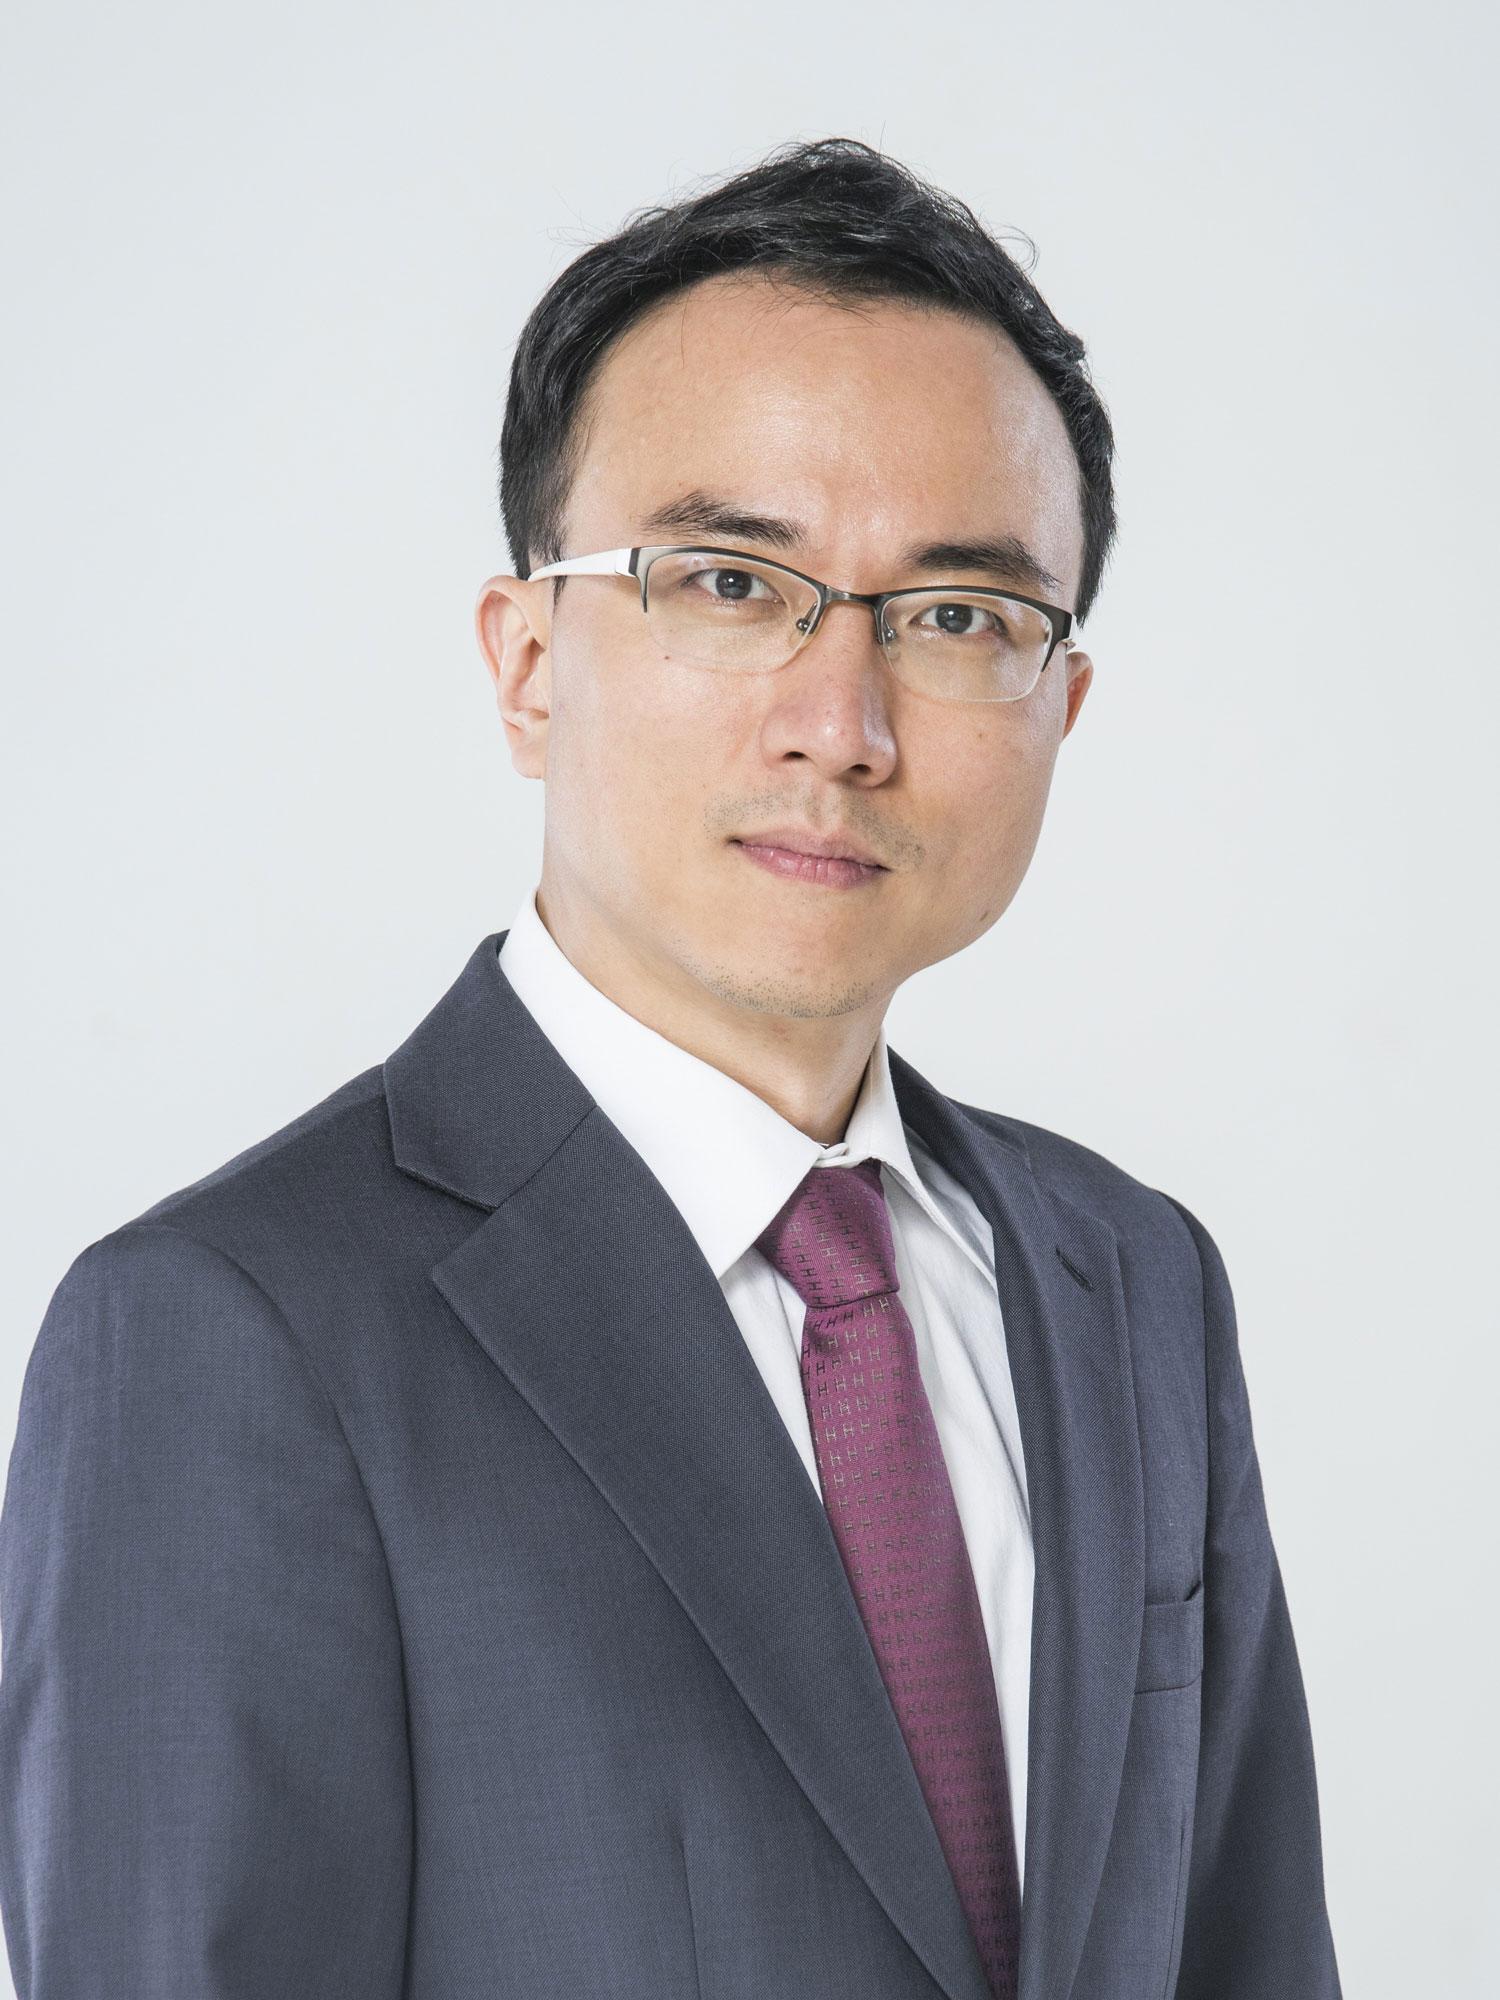 Dr. David Chong